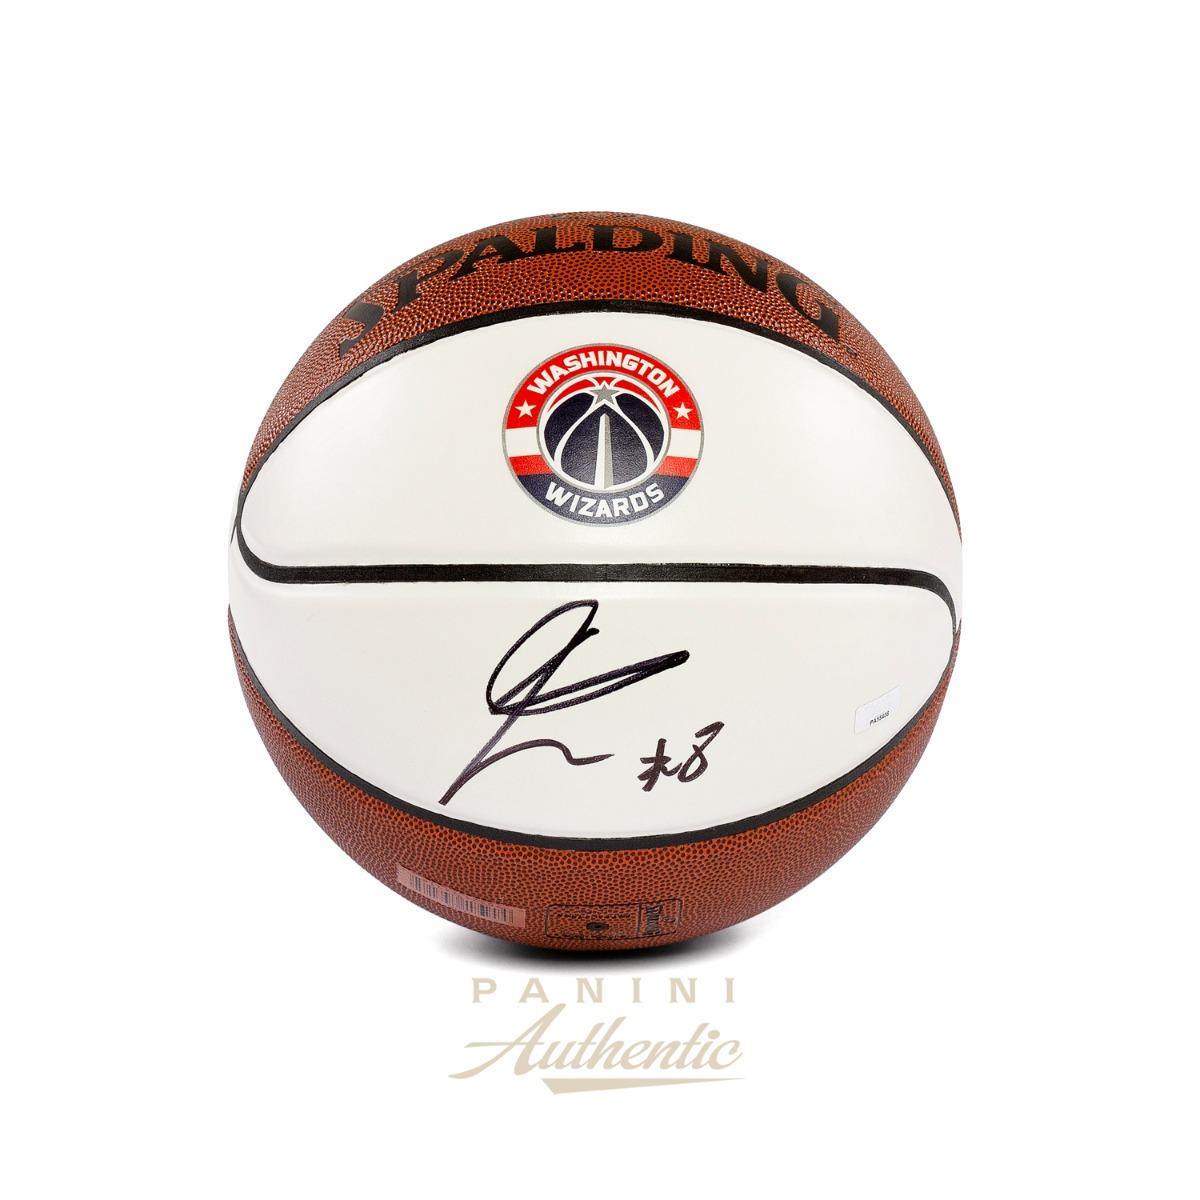 八村塁 直筆サイン入り ワシントン・ウィザーズホワイトパネルバスケットボール / Rui Hachimura Autographed Washington Wizards White Panel Basketball